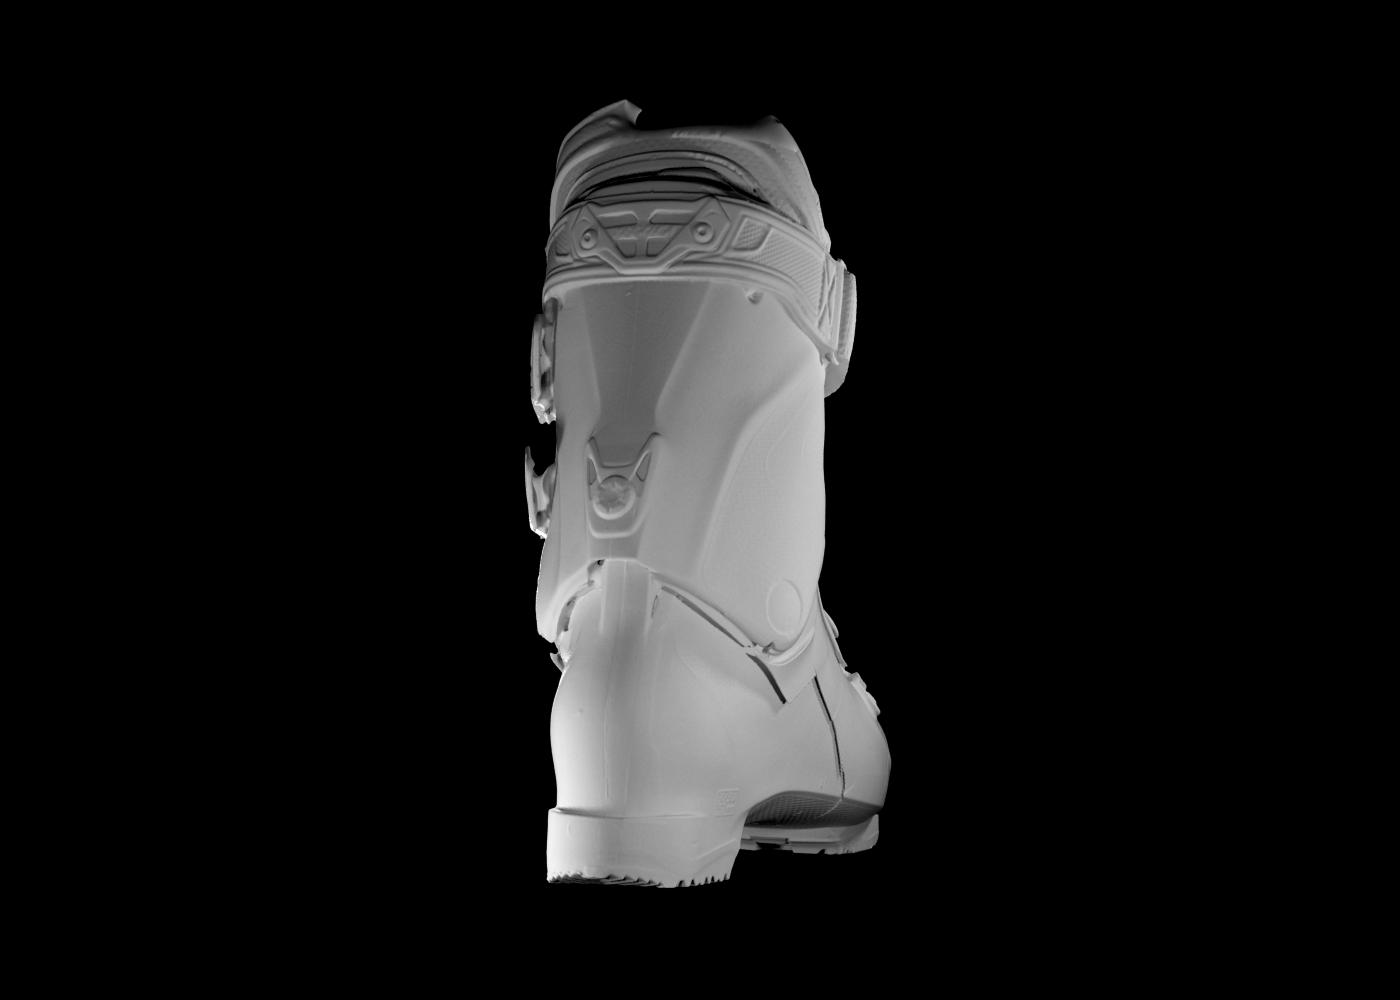 scansione 3d di scarpone da scii 3